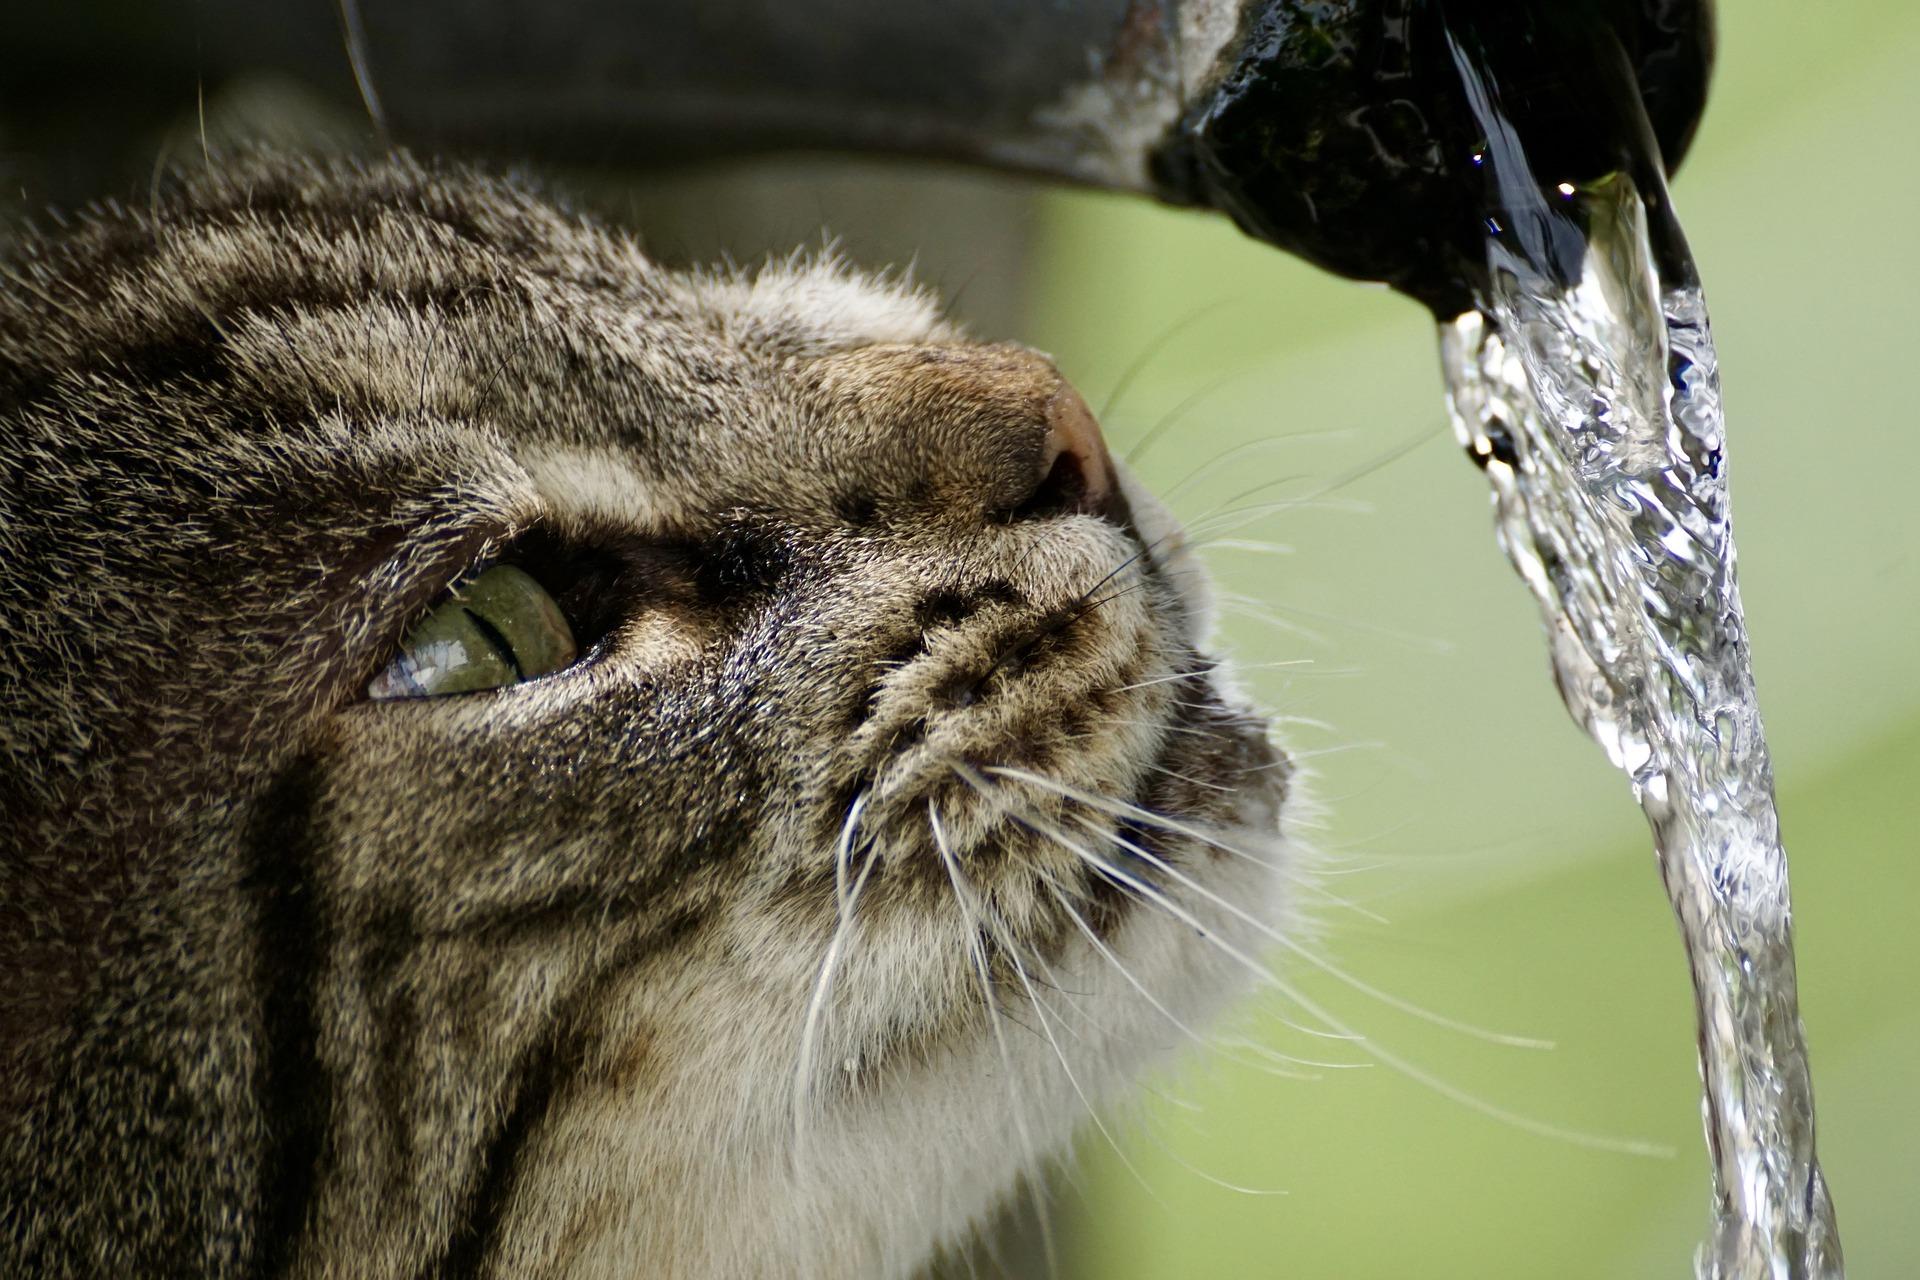 Los gatos prefieren beber agua de un grifo o fuente